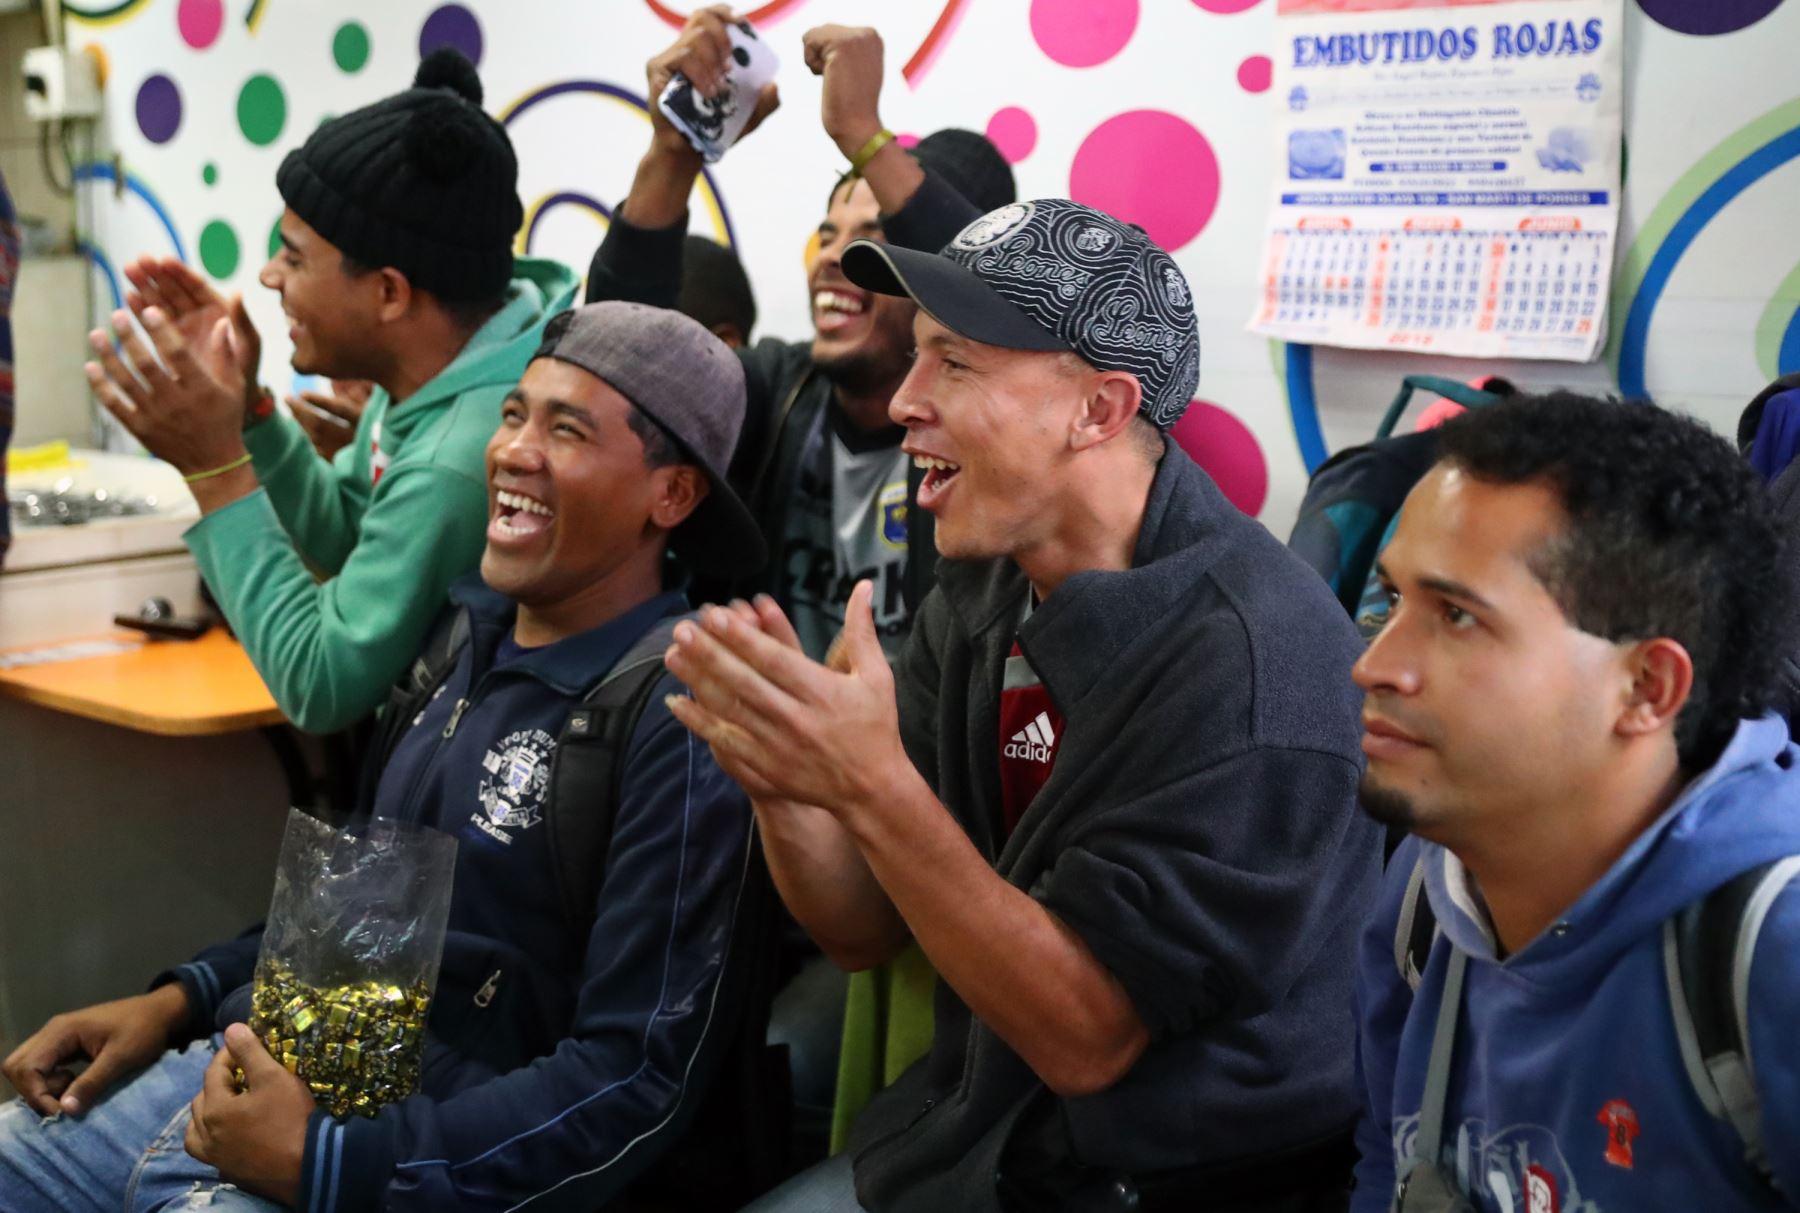 Expectativa en hinchas venezonalos previo al partido entre Perú y Venezuela por la Copa América. Foto: ANDINA/Normán Córdova